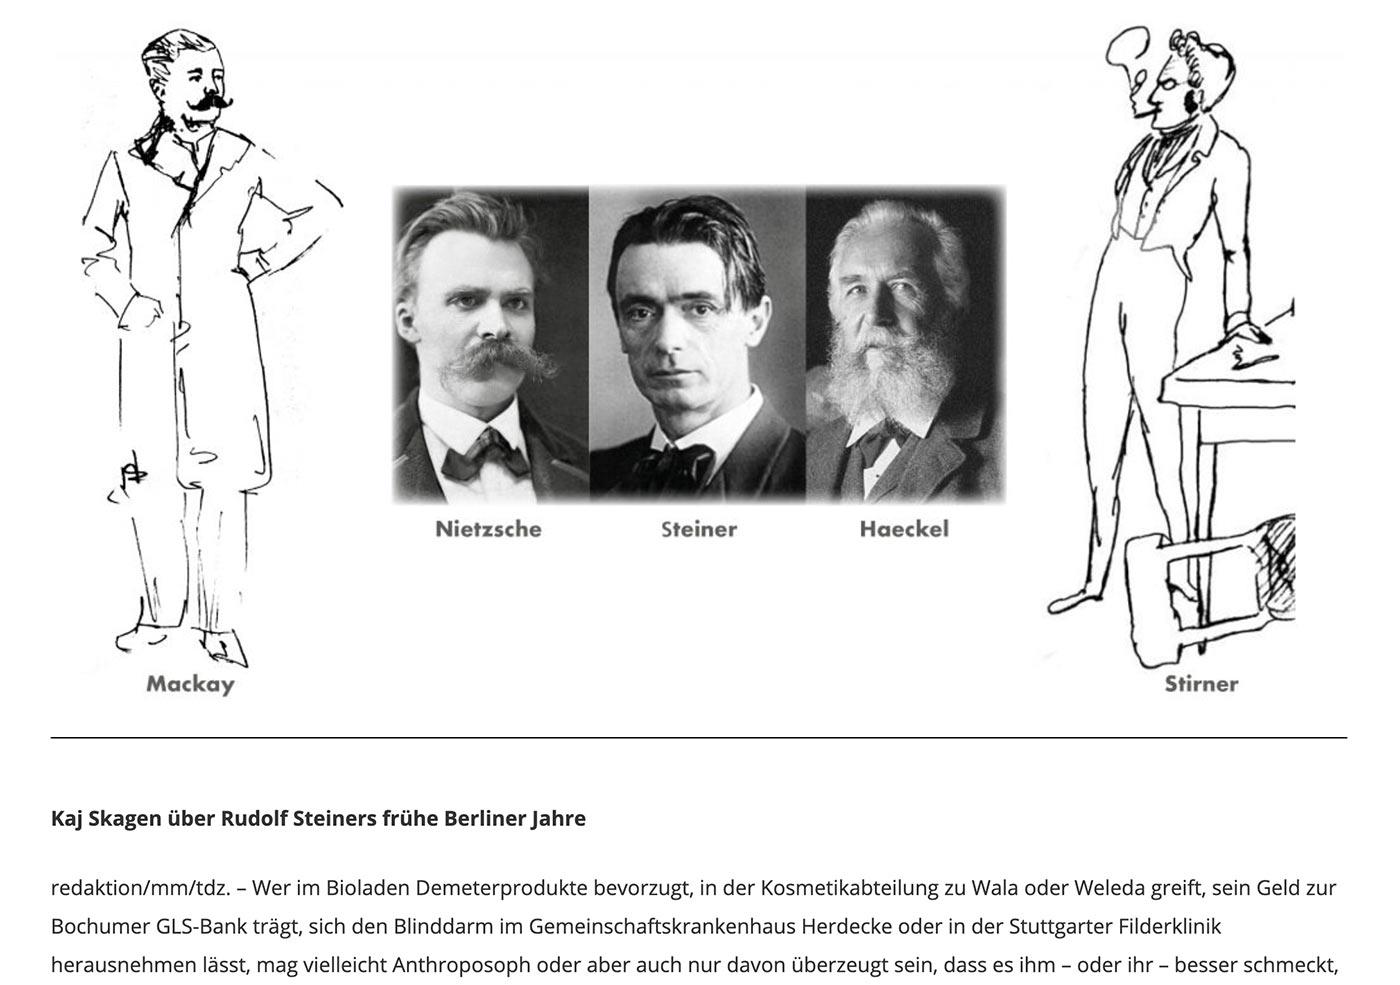 Faksimile fra Themen der Zeit (nettstedet)